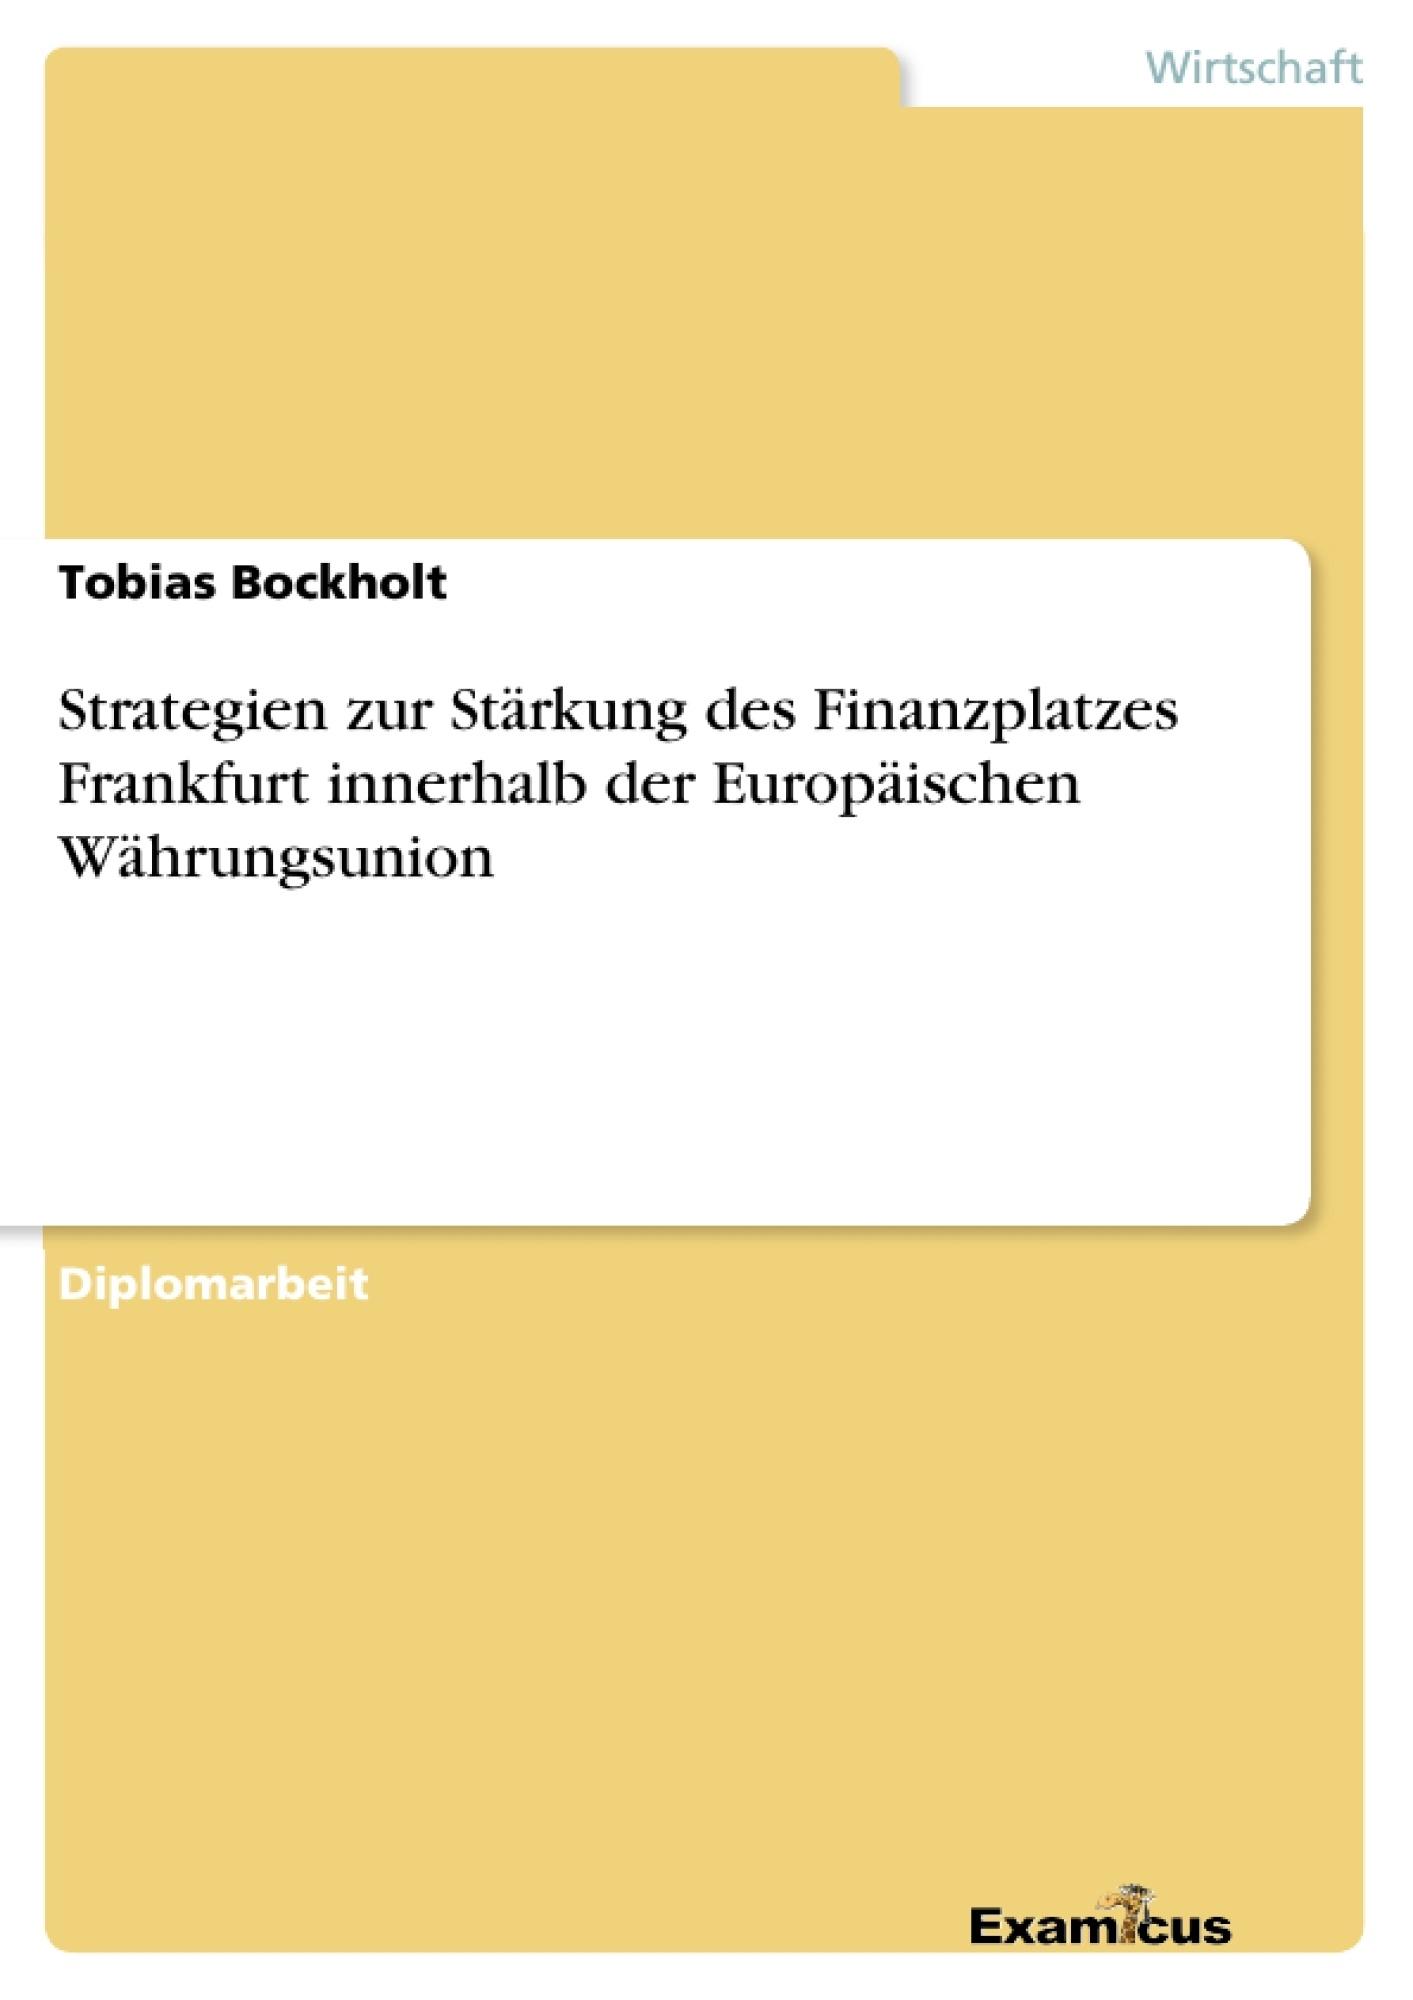 Titel: Strategien zur Stärkung des Finanzplatzes Frankfurt innerhalb der Europäischen Währungsunion